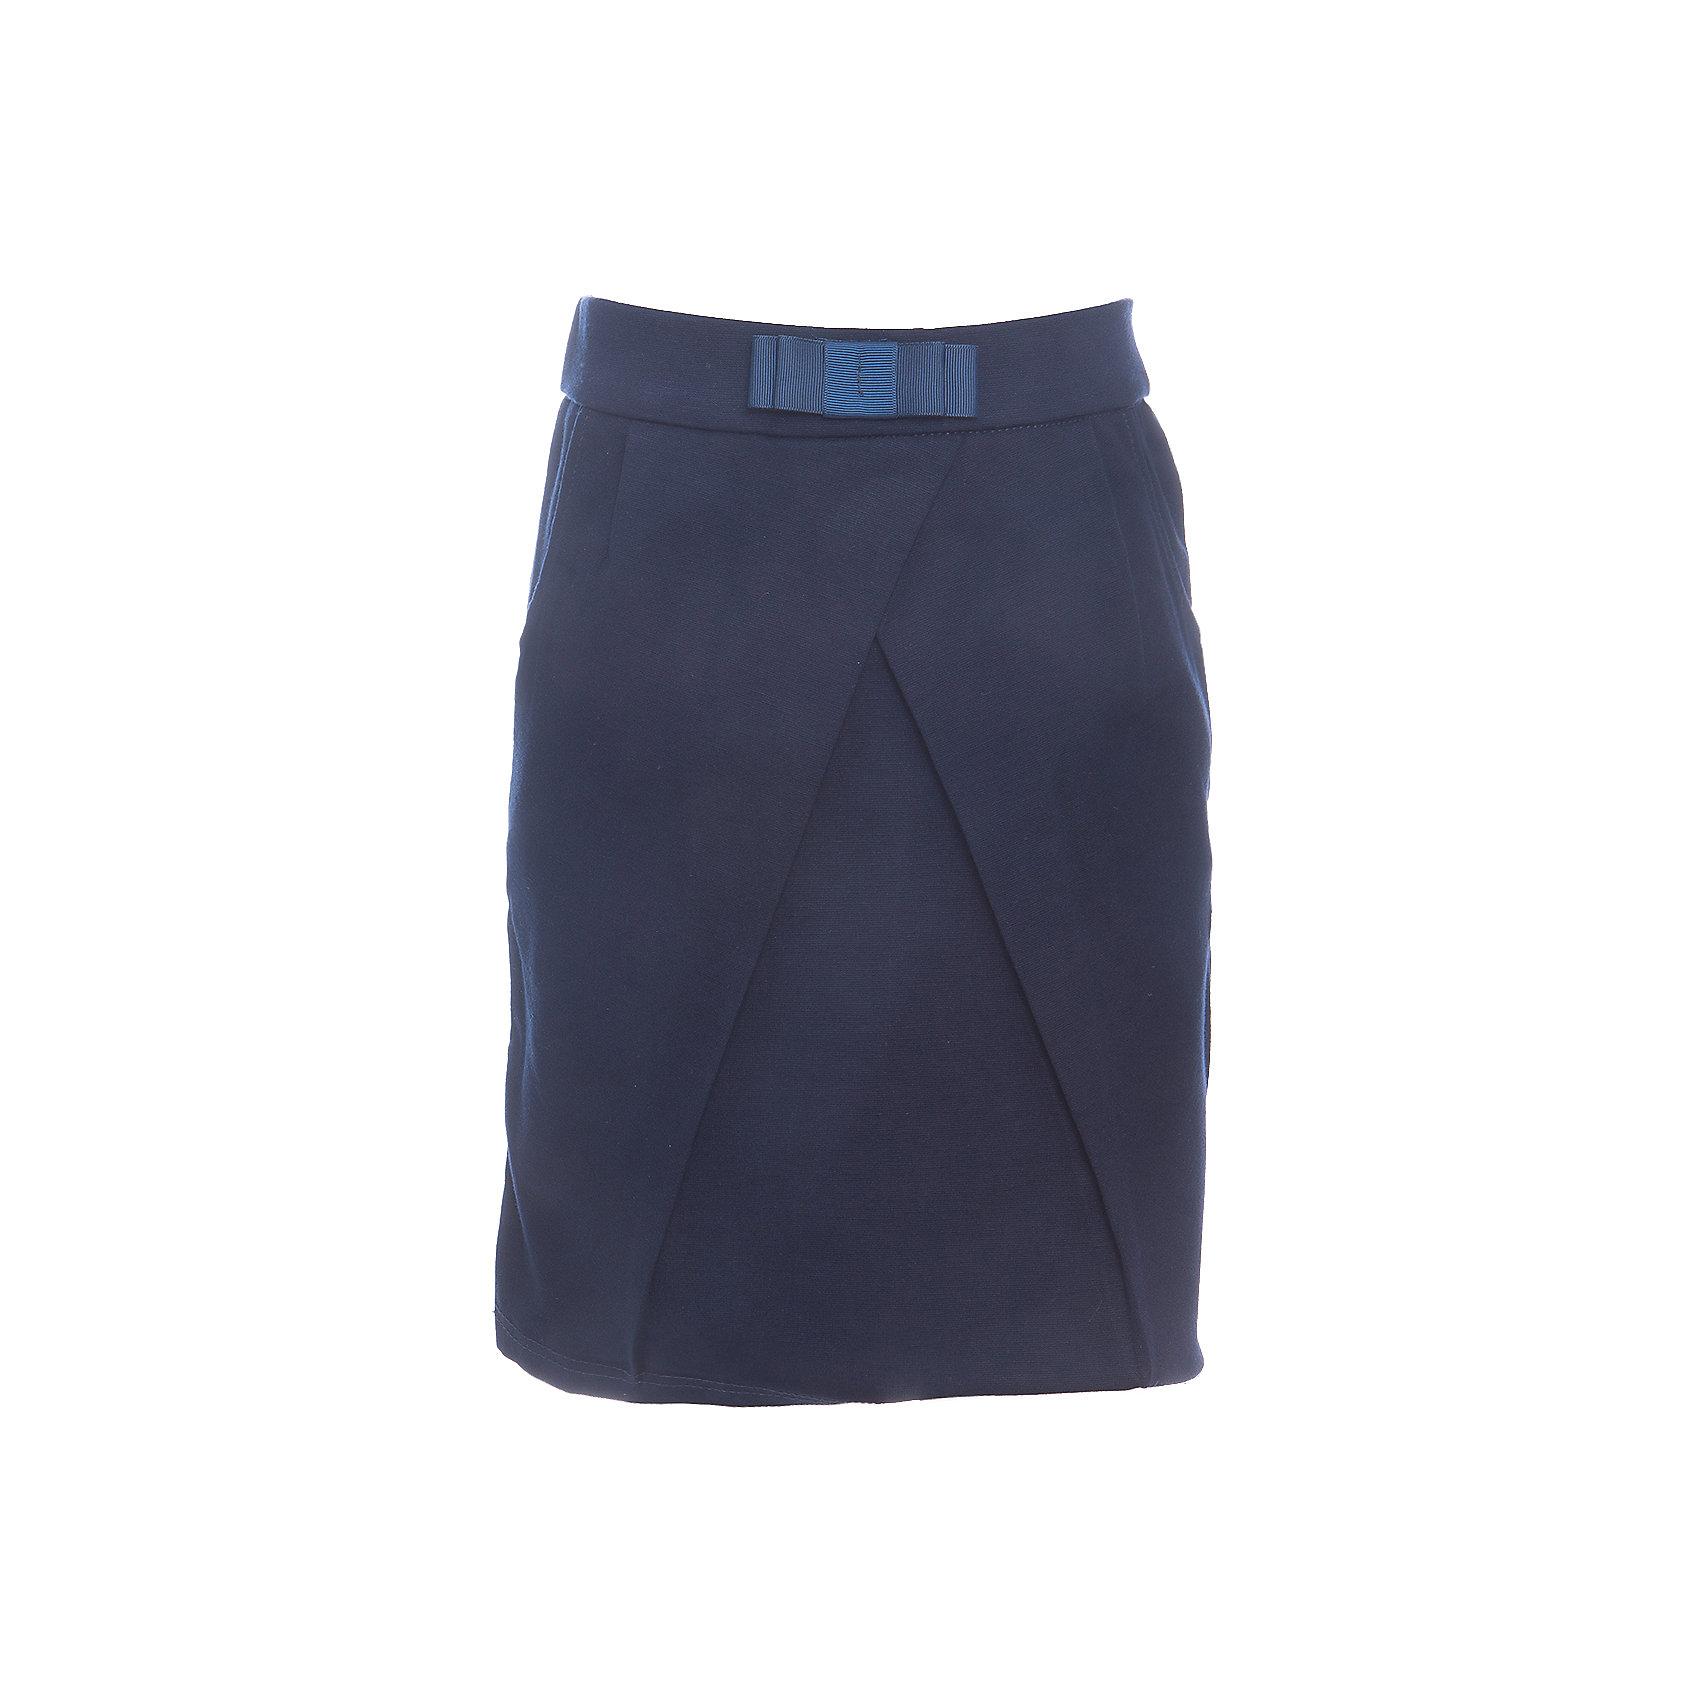 Юбка для девочки LuminosoЮбки<br>Характеристики товара:<br><br>• цвет: темно-синий;<br>• состав: 65% хлопок, 30% полиэстер, 5% эластан;<br>• сезон: демисезон;<br>• особенности: школьная, на резинке;<br>• юбка тюльпан;<br>• пояс на эластичной резинке;<br>• декорирована складкой;<br>• декоративный бантик на поясе;<br>• два боковых кармана;<br>• страна бренда: Россия;<br>• страна производства: Китай.<br><br>Школьная юбка для девочки. Темно-синяя юбка на резинке. Трикотажная юбка-тюльпан декорирована оригинальной складкой спереди и бантиком на поясе. Мягкий, эластичный пояс на резинке, два кармана по бокам.<br><br>Юбка для девочки Luminoso (Люминосо) можно купить в нашем интернет-магазине.<br><br>Ширина мм: 207<br>Глубина мм: 10<br>Высота мм: 189<br>Вес г: 183<br>Цвет: синий<br>Возраст от месяцев: 156<br>Возраст до месяцев: 168<br>Пол: Женский<br>Возраст: Детский<br>Размер: 164,122,128,134,140,146,152,158<br>SKU: 6673148